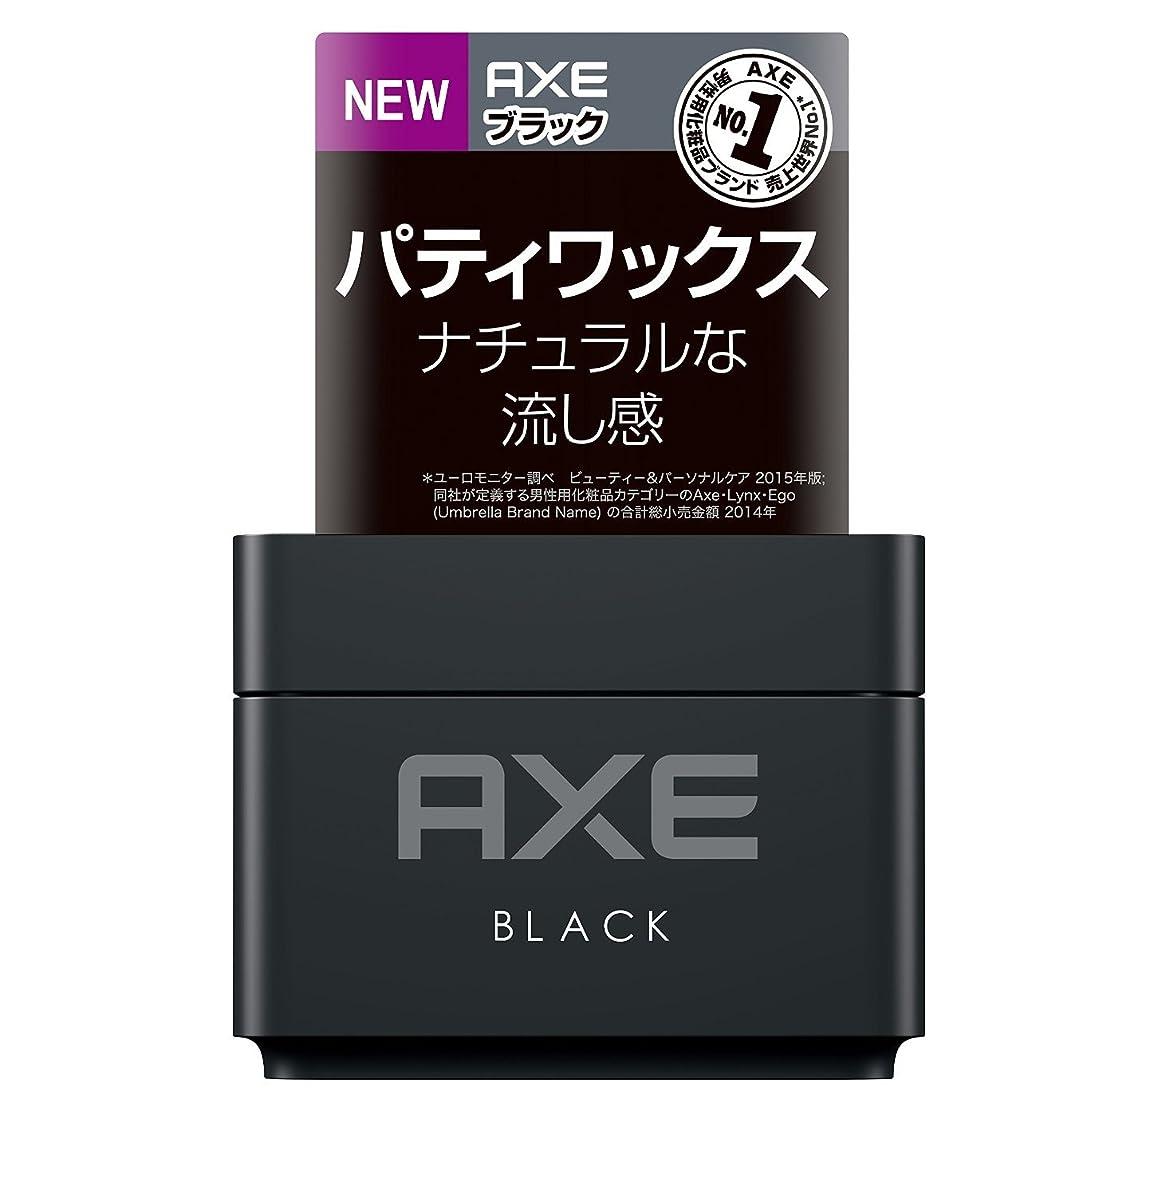 ノート絡み合い接続詞アックス ブラック カジュアルコントロール パティワックス 65g ×3